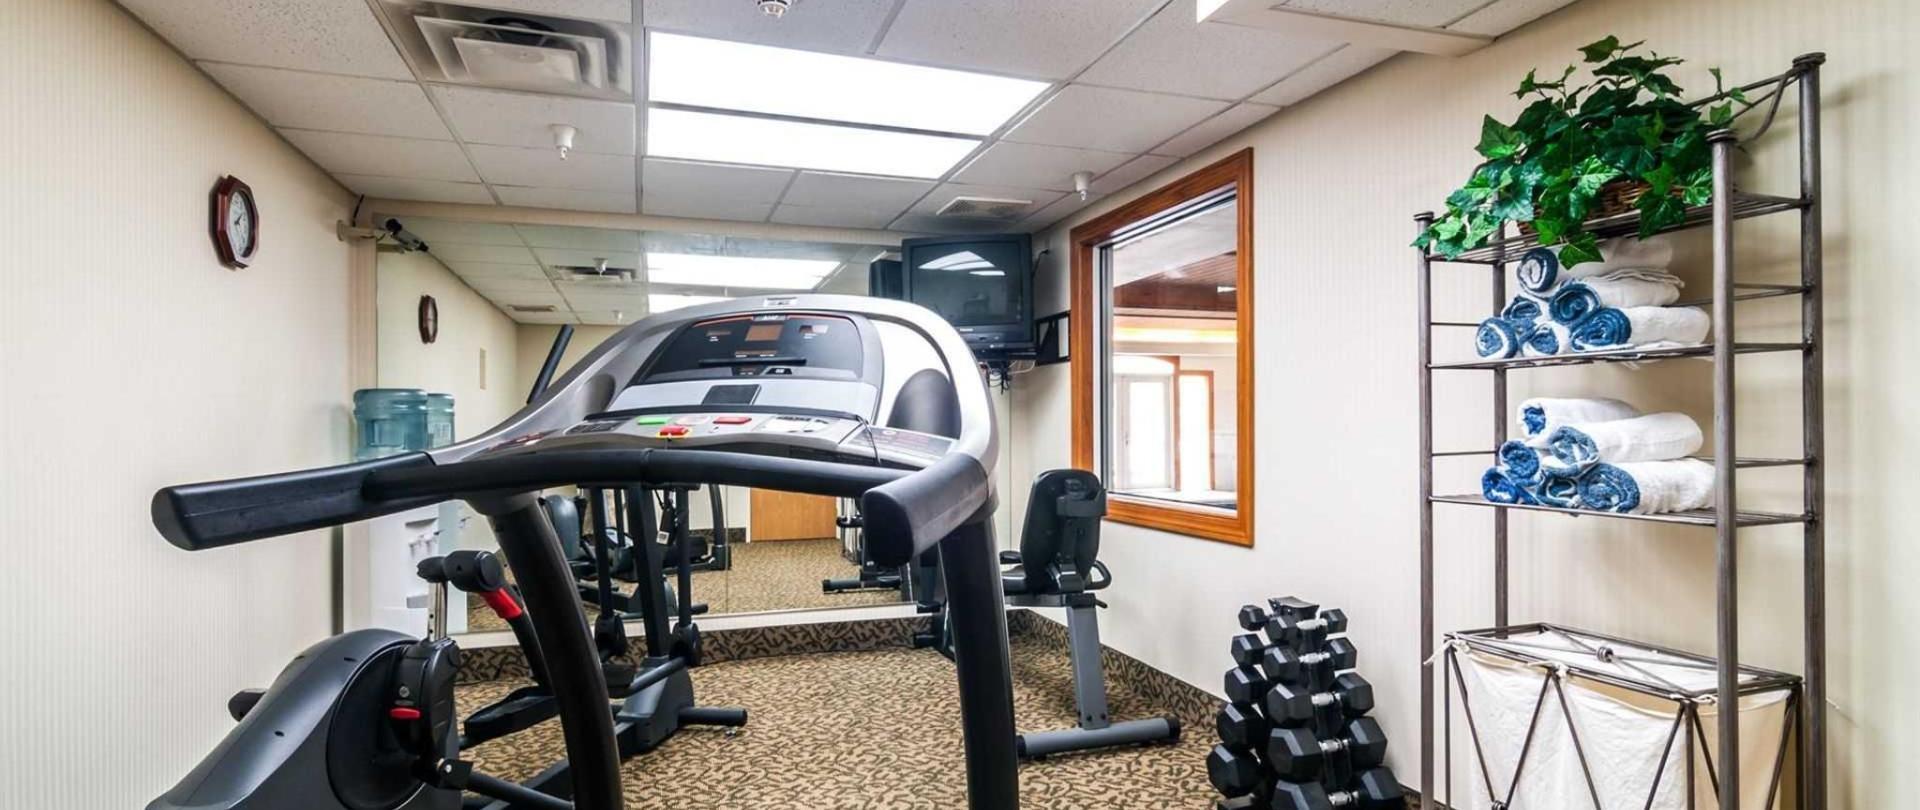 fitness_center-1-1.jpg.1920x0.jpg